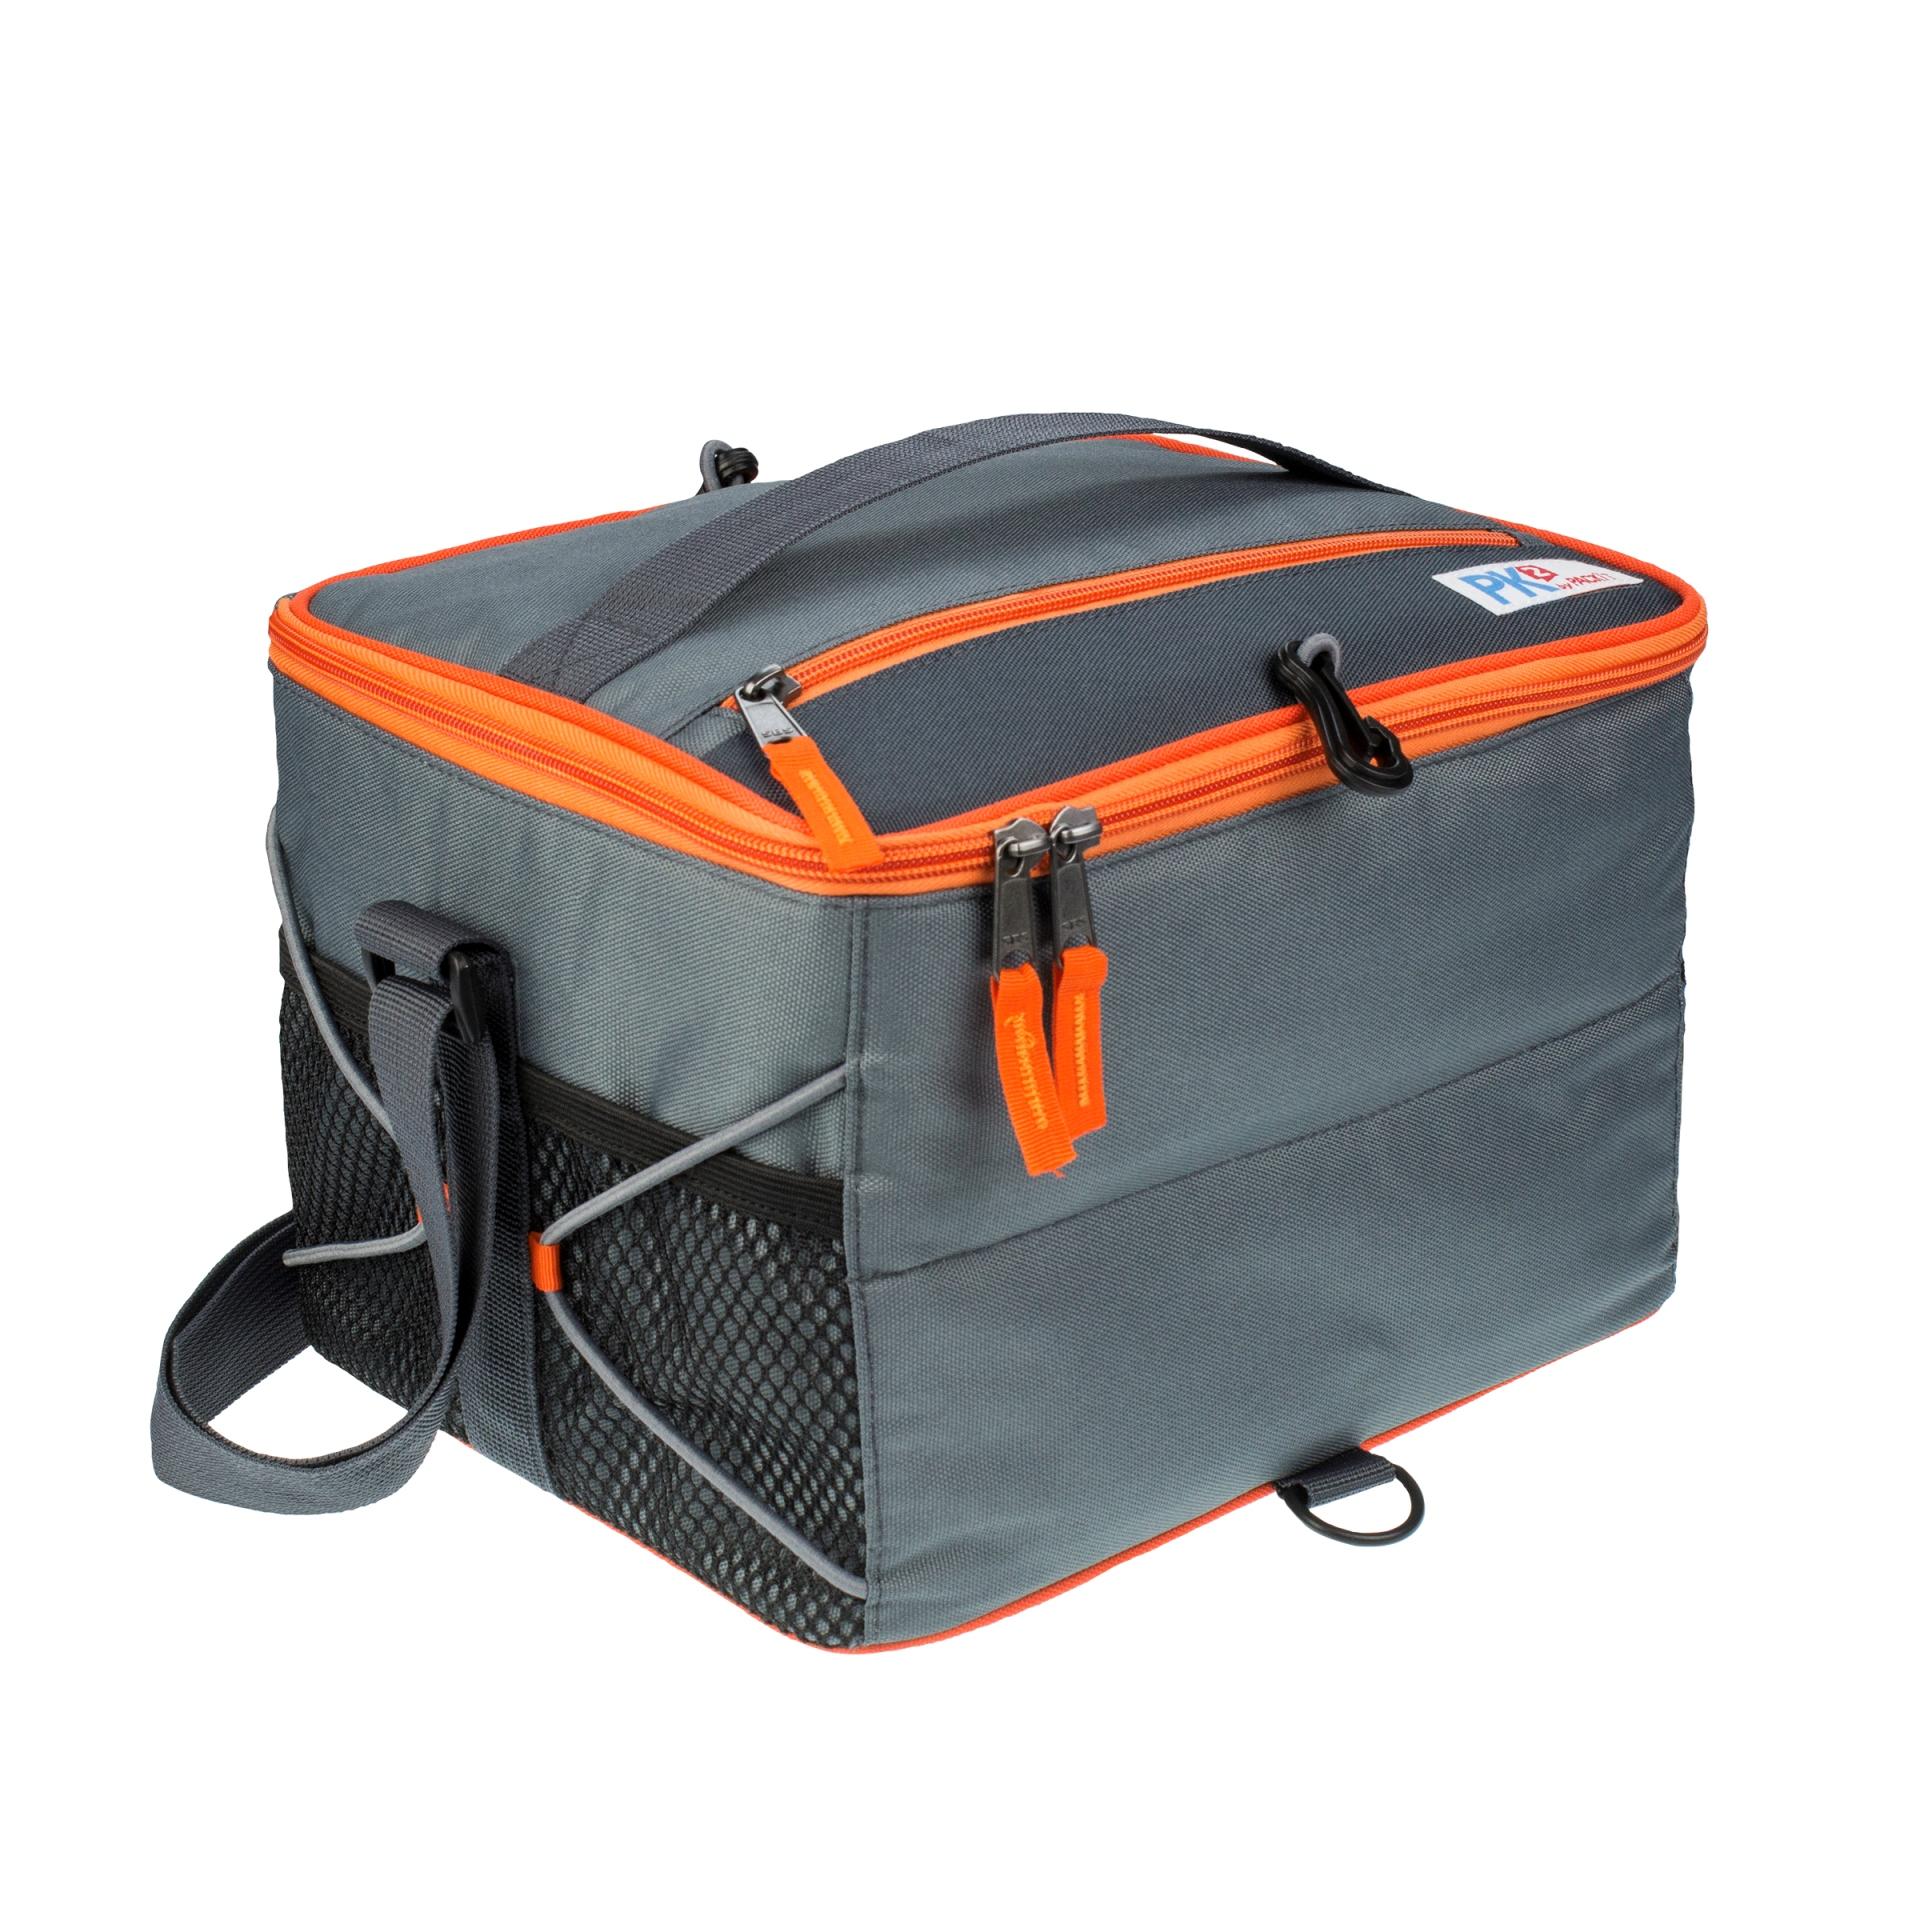 PK2 12 Can Cooler